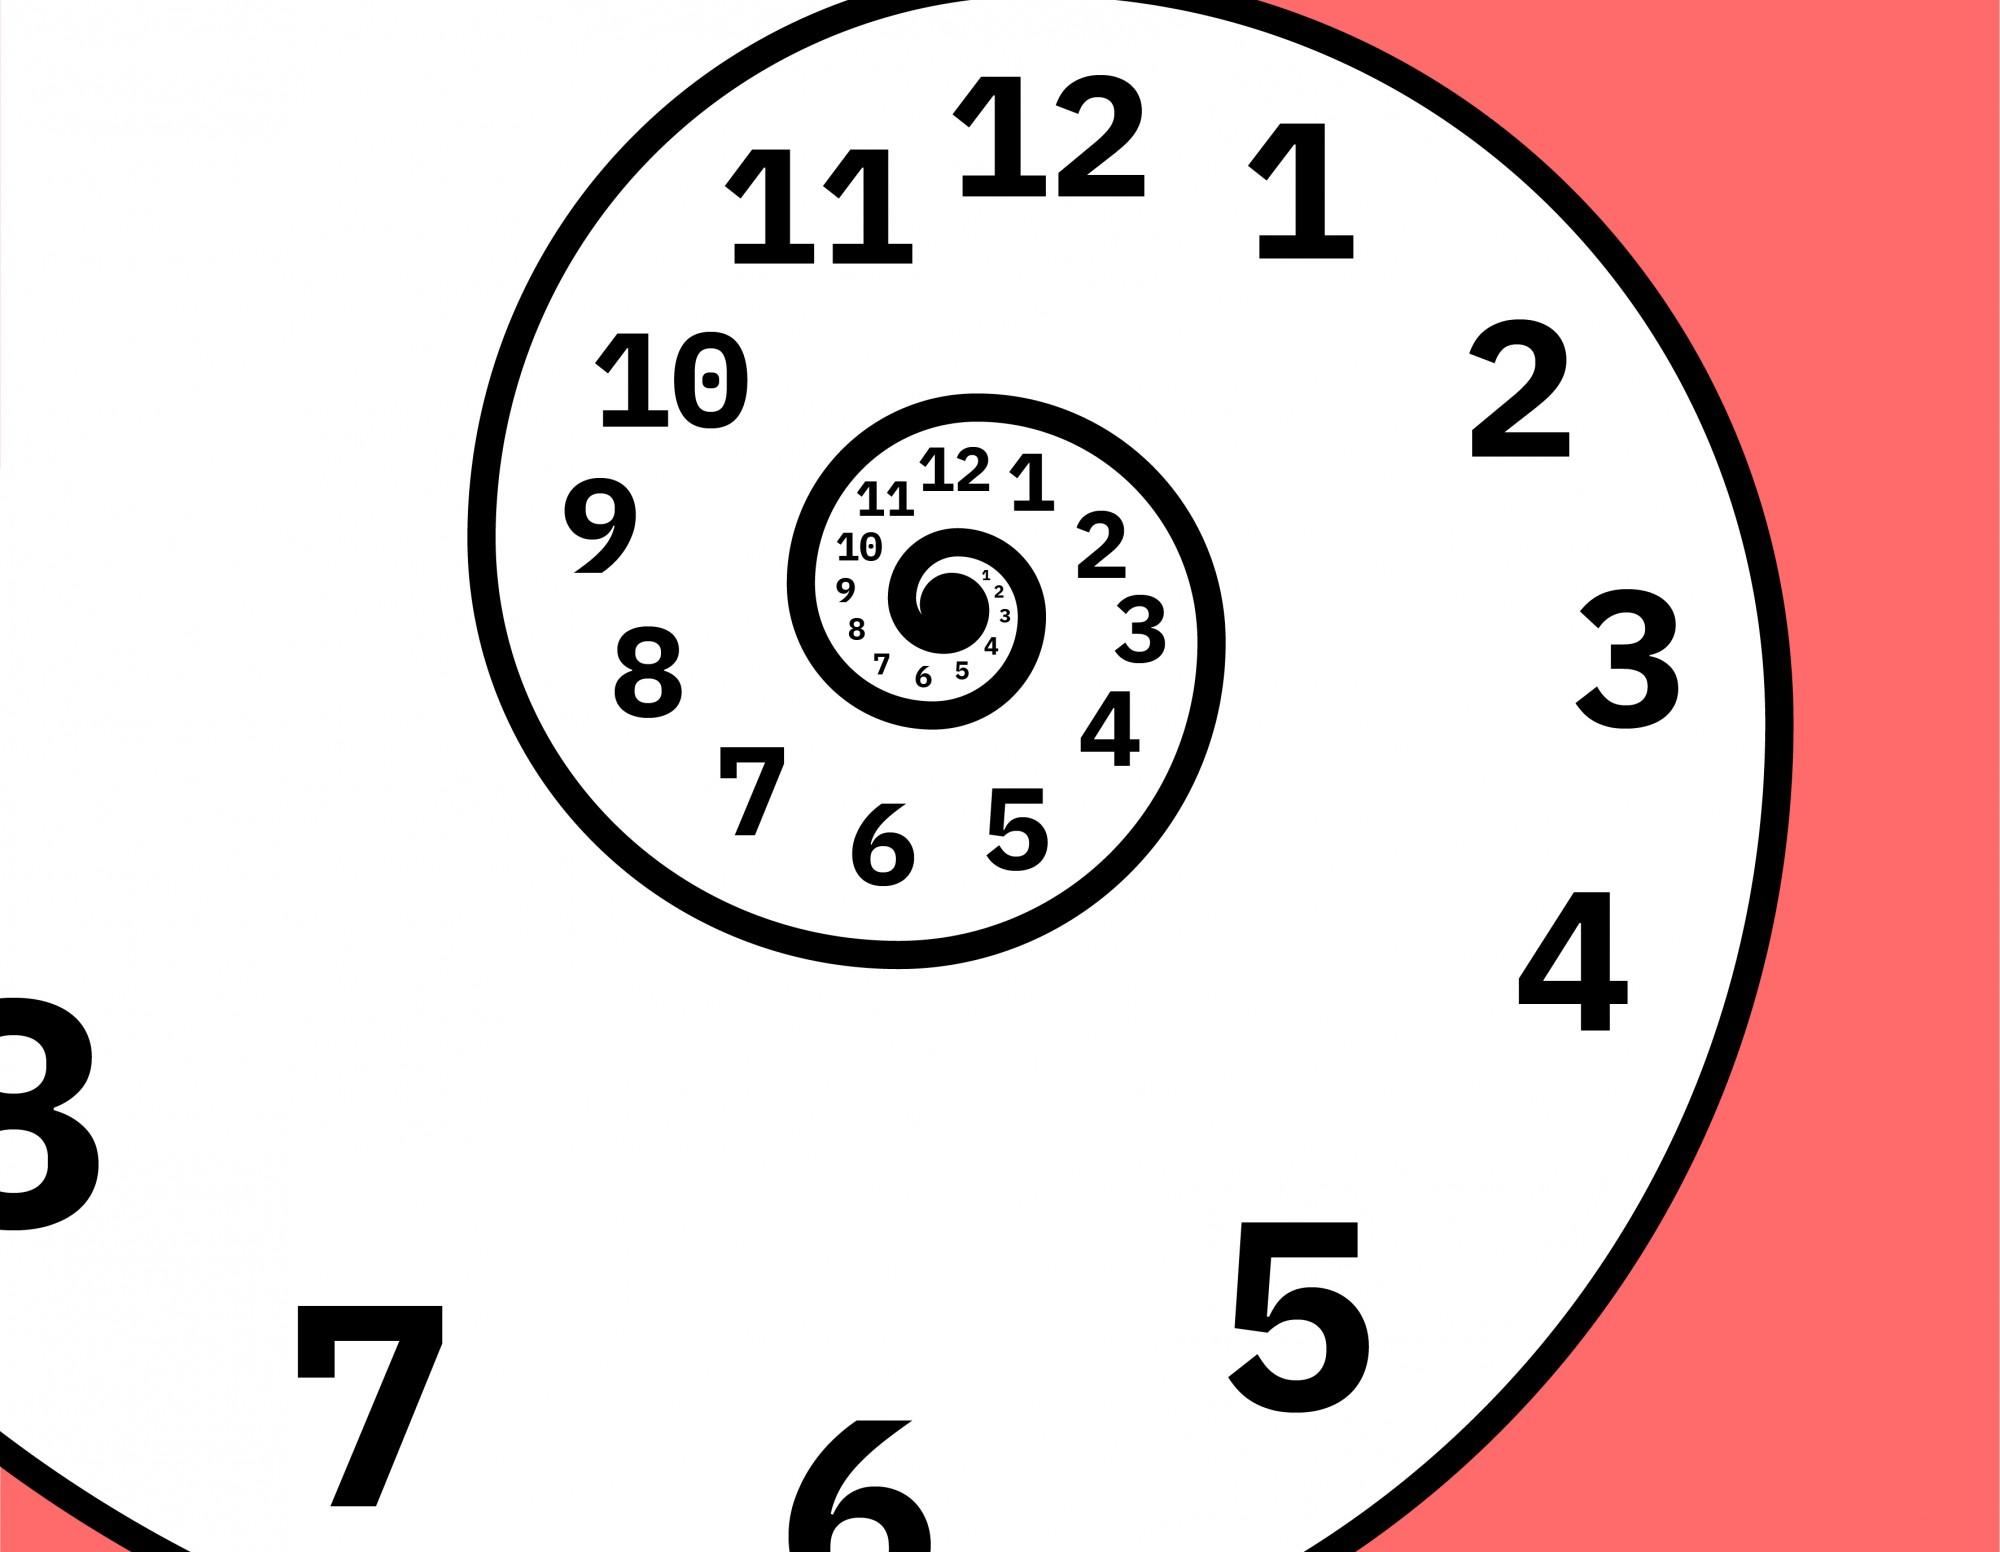 Zeitspirale auf lachsfarbenen Hintergrund